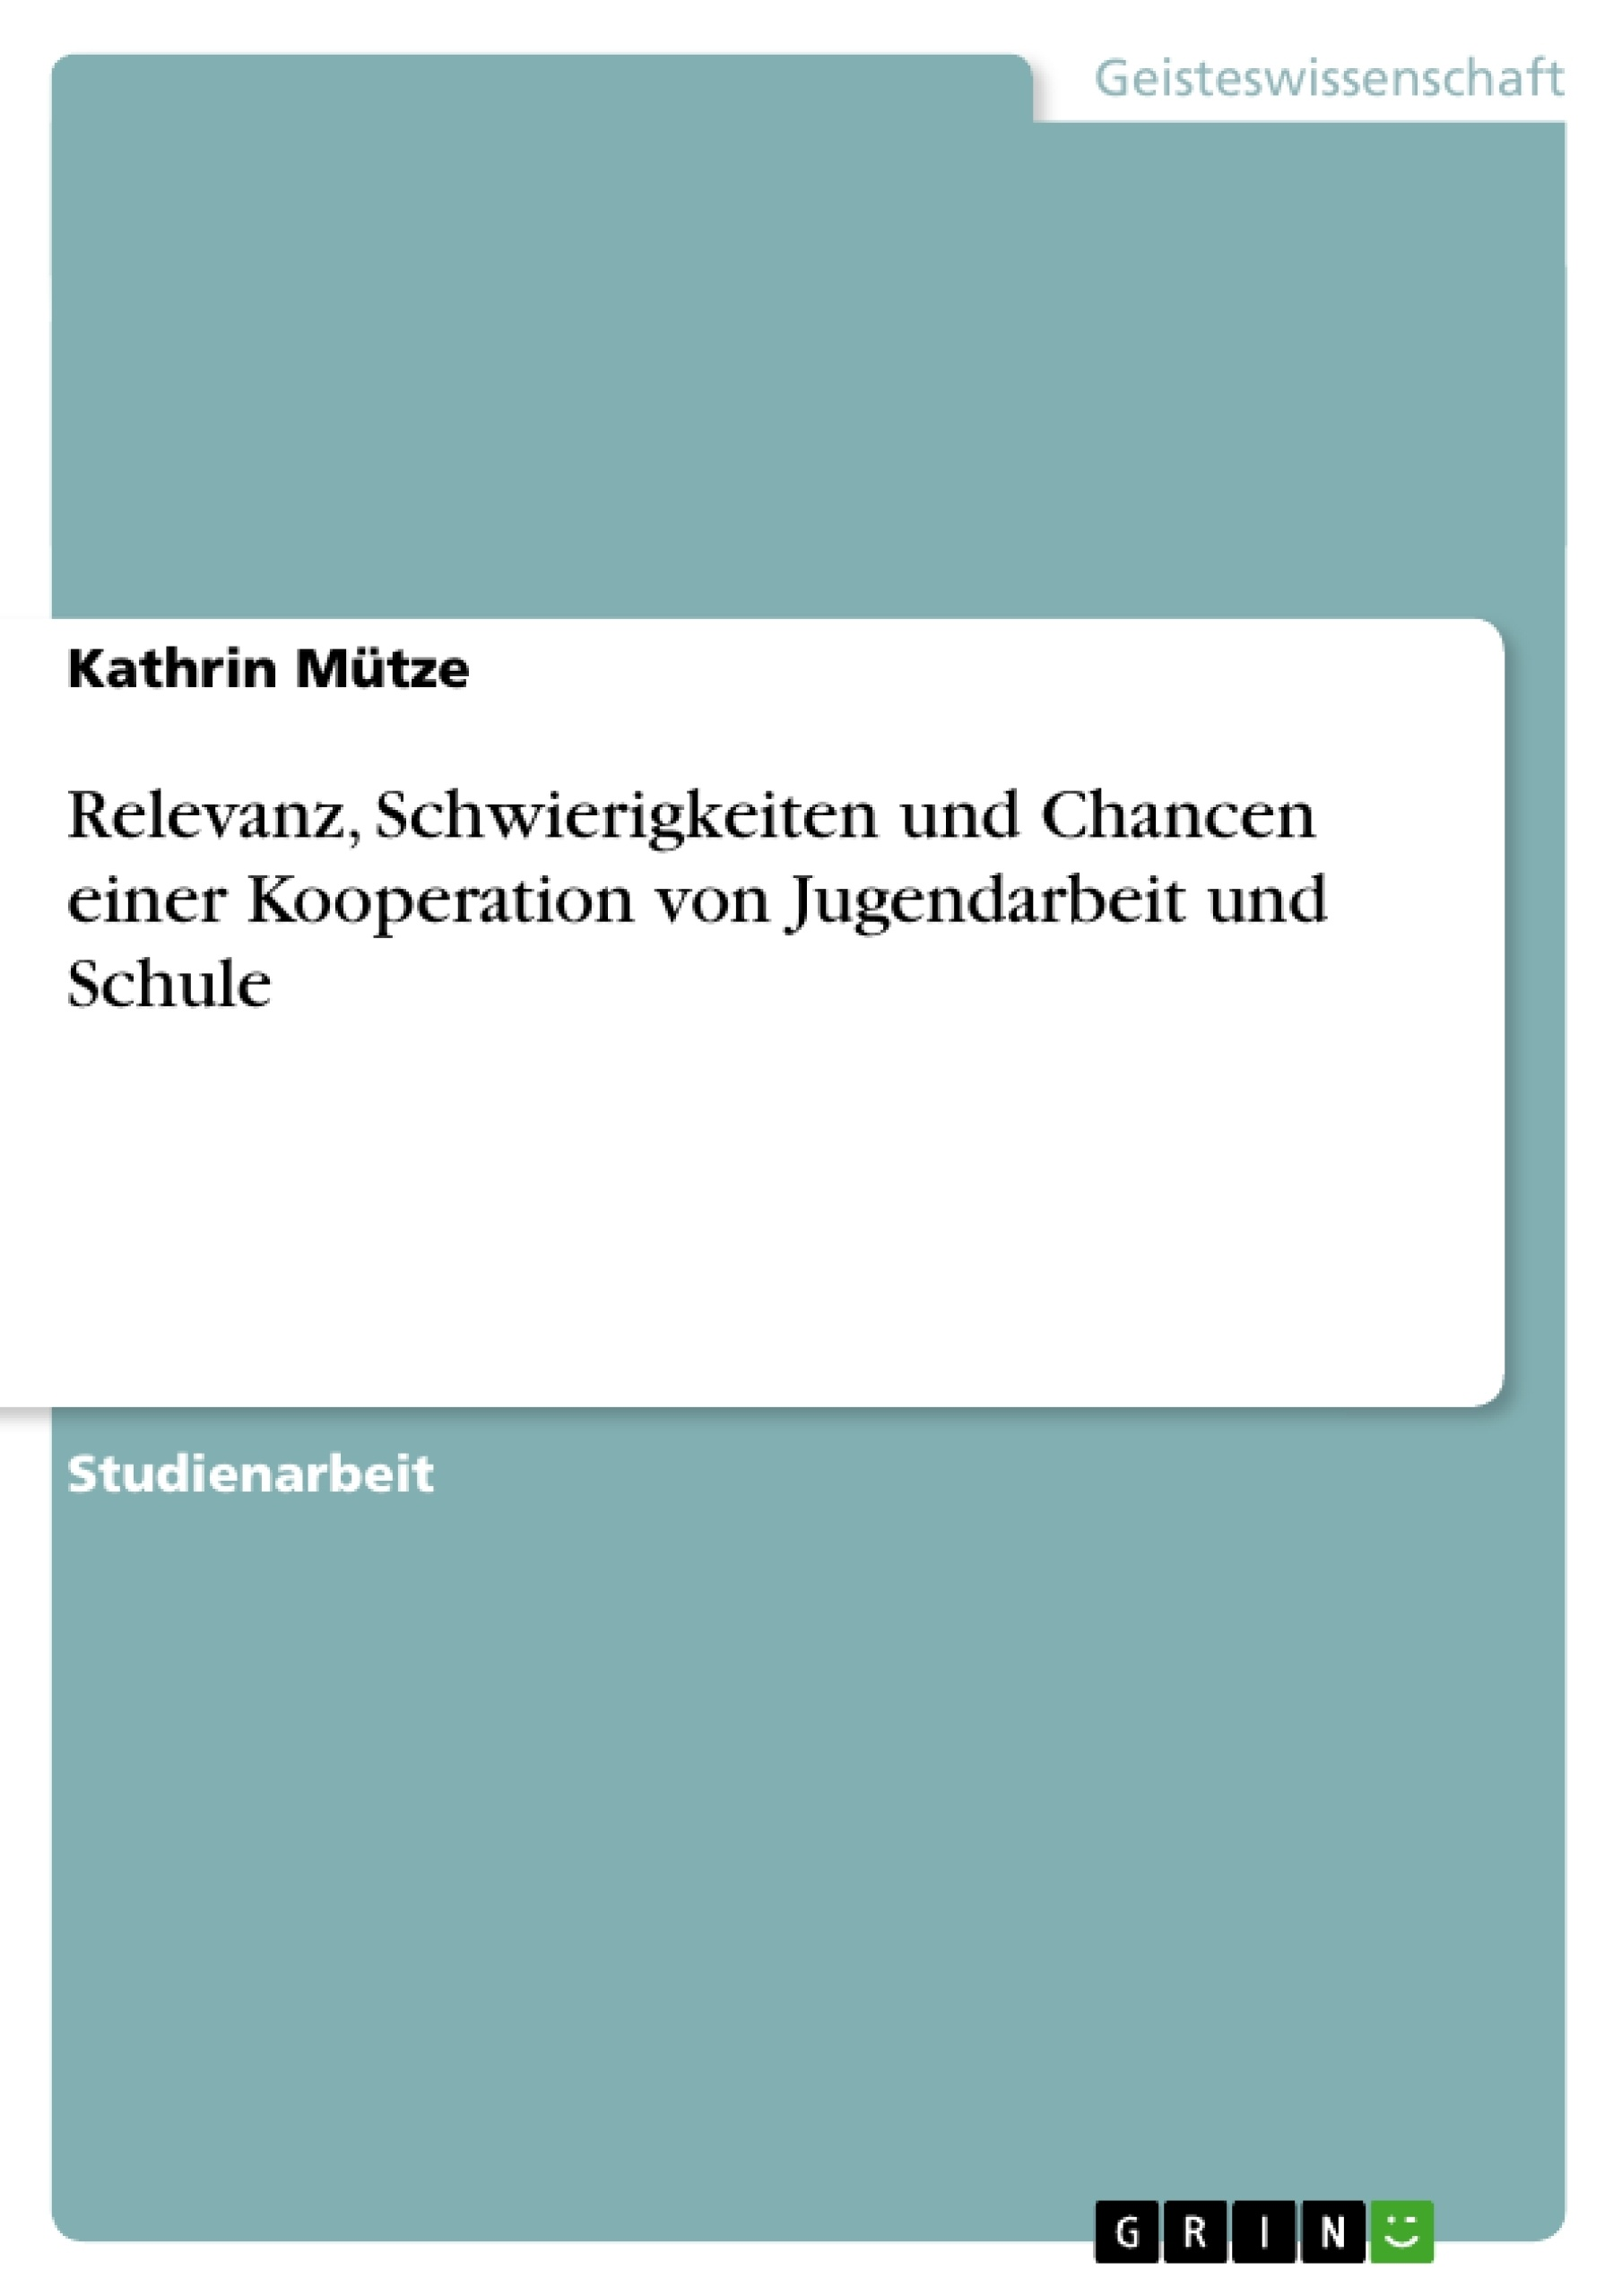 Titel: Relevanz, Schwierigkeiten und Chancen einer Kooperation von Jugendarbeit und Schule